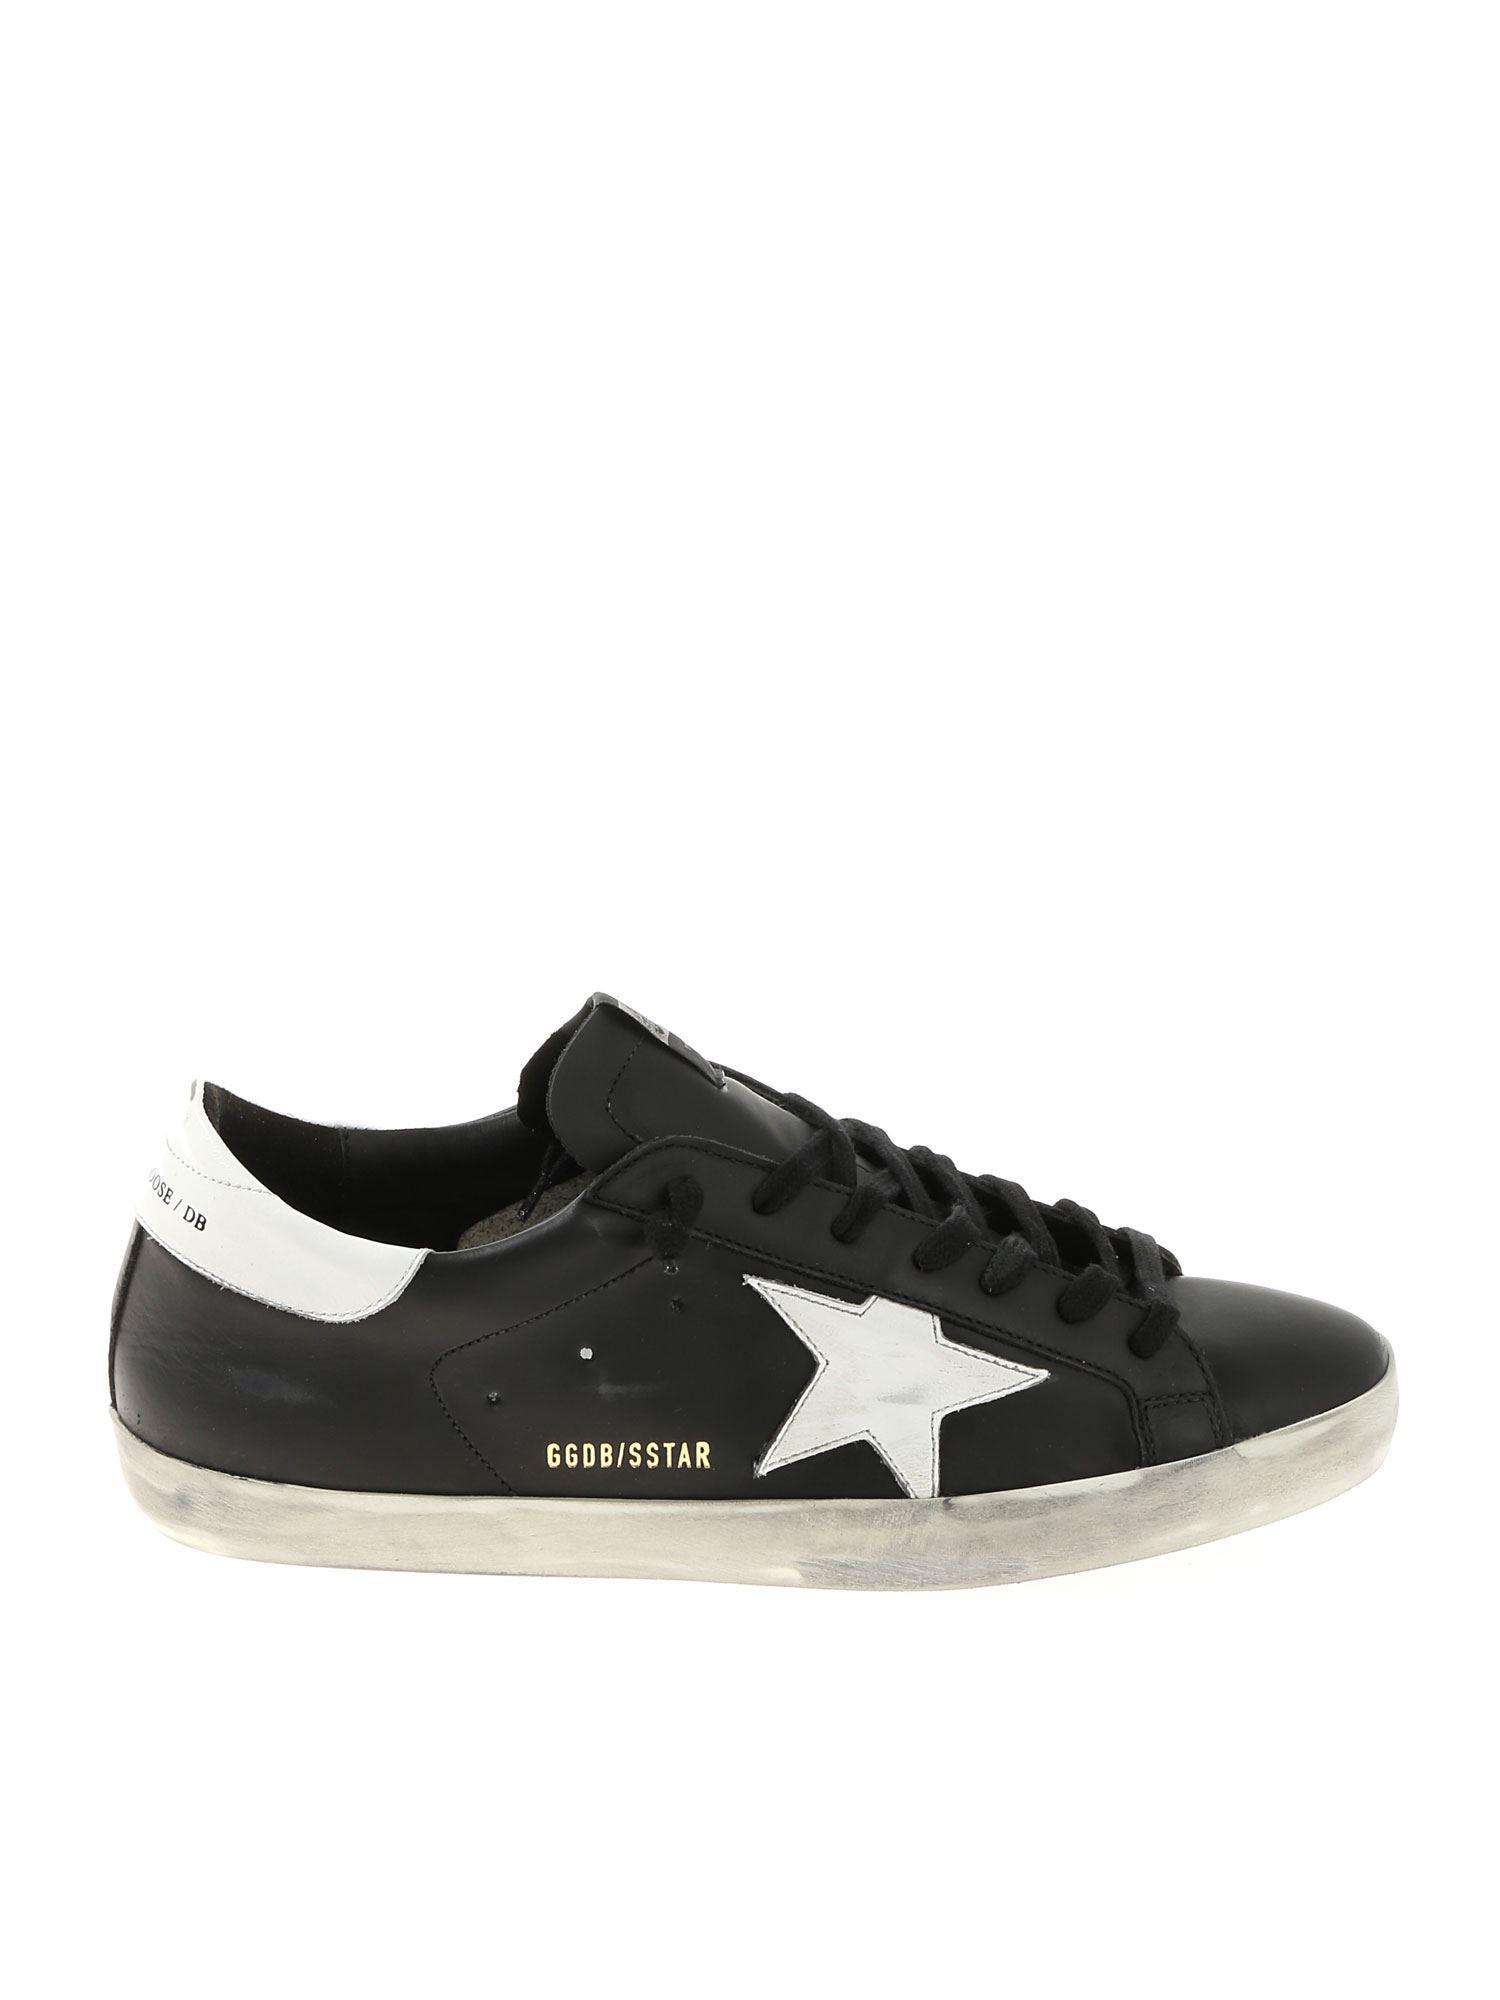 08b50df1cc60 Golden Goose Deluxe Brand. Men s Black Vintage Effect Superstar Sneakers